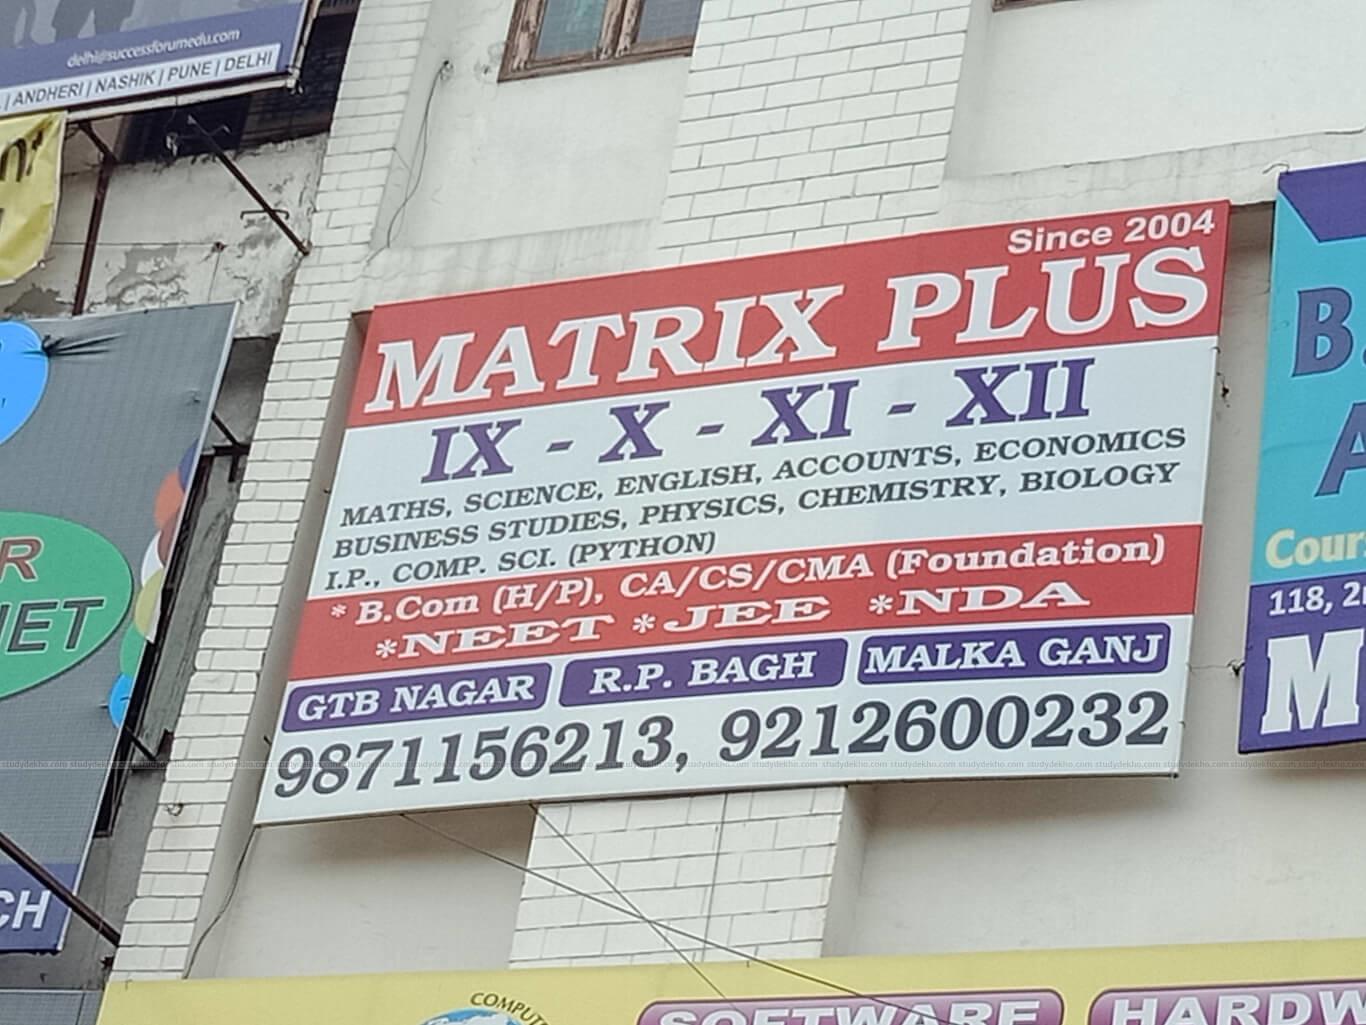 MATRIX PLUS Logo